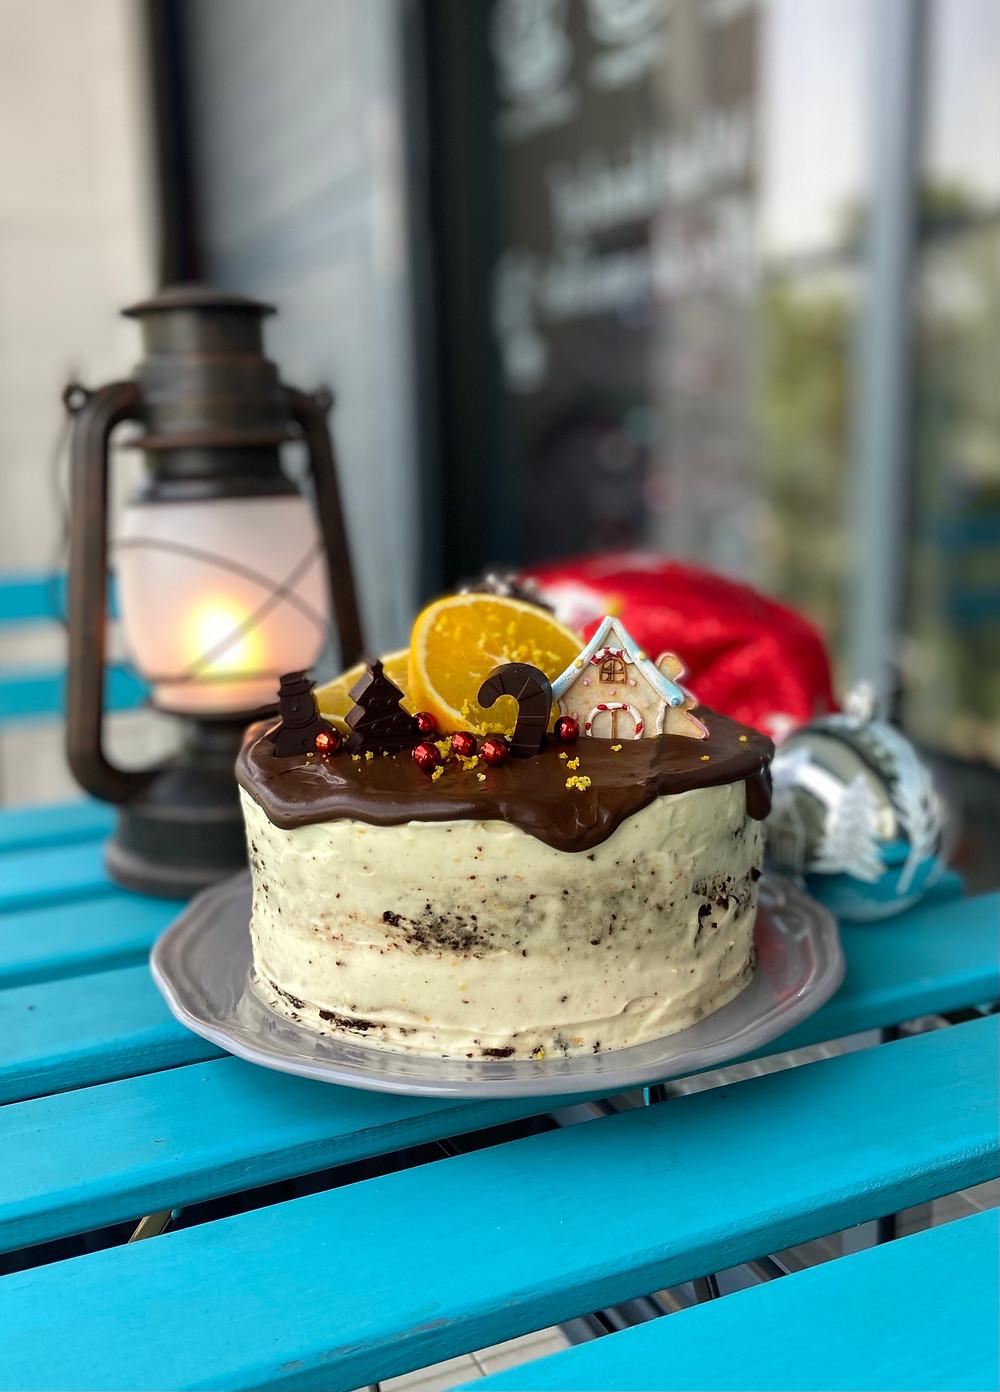 עוגת שוקולד תפוזים מקמח קינואה טעימה מטירוףףףף